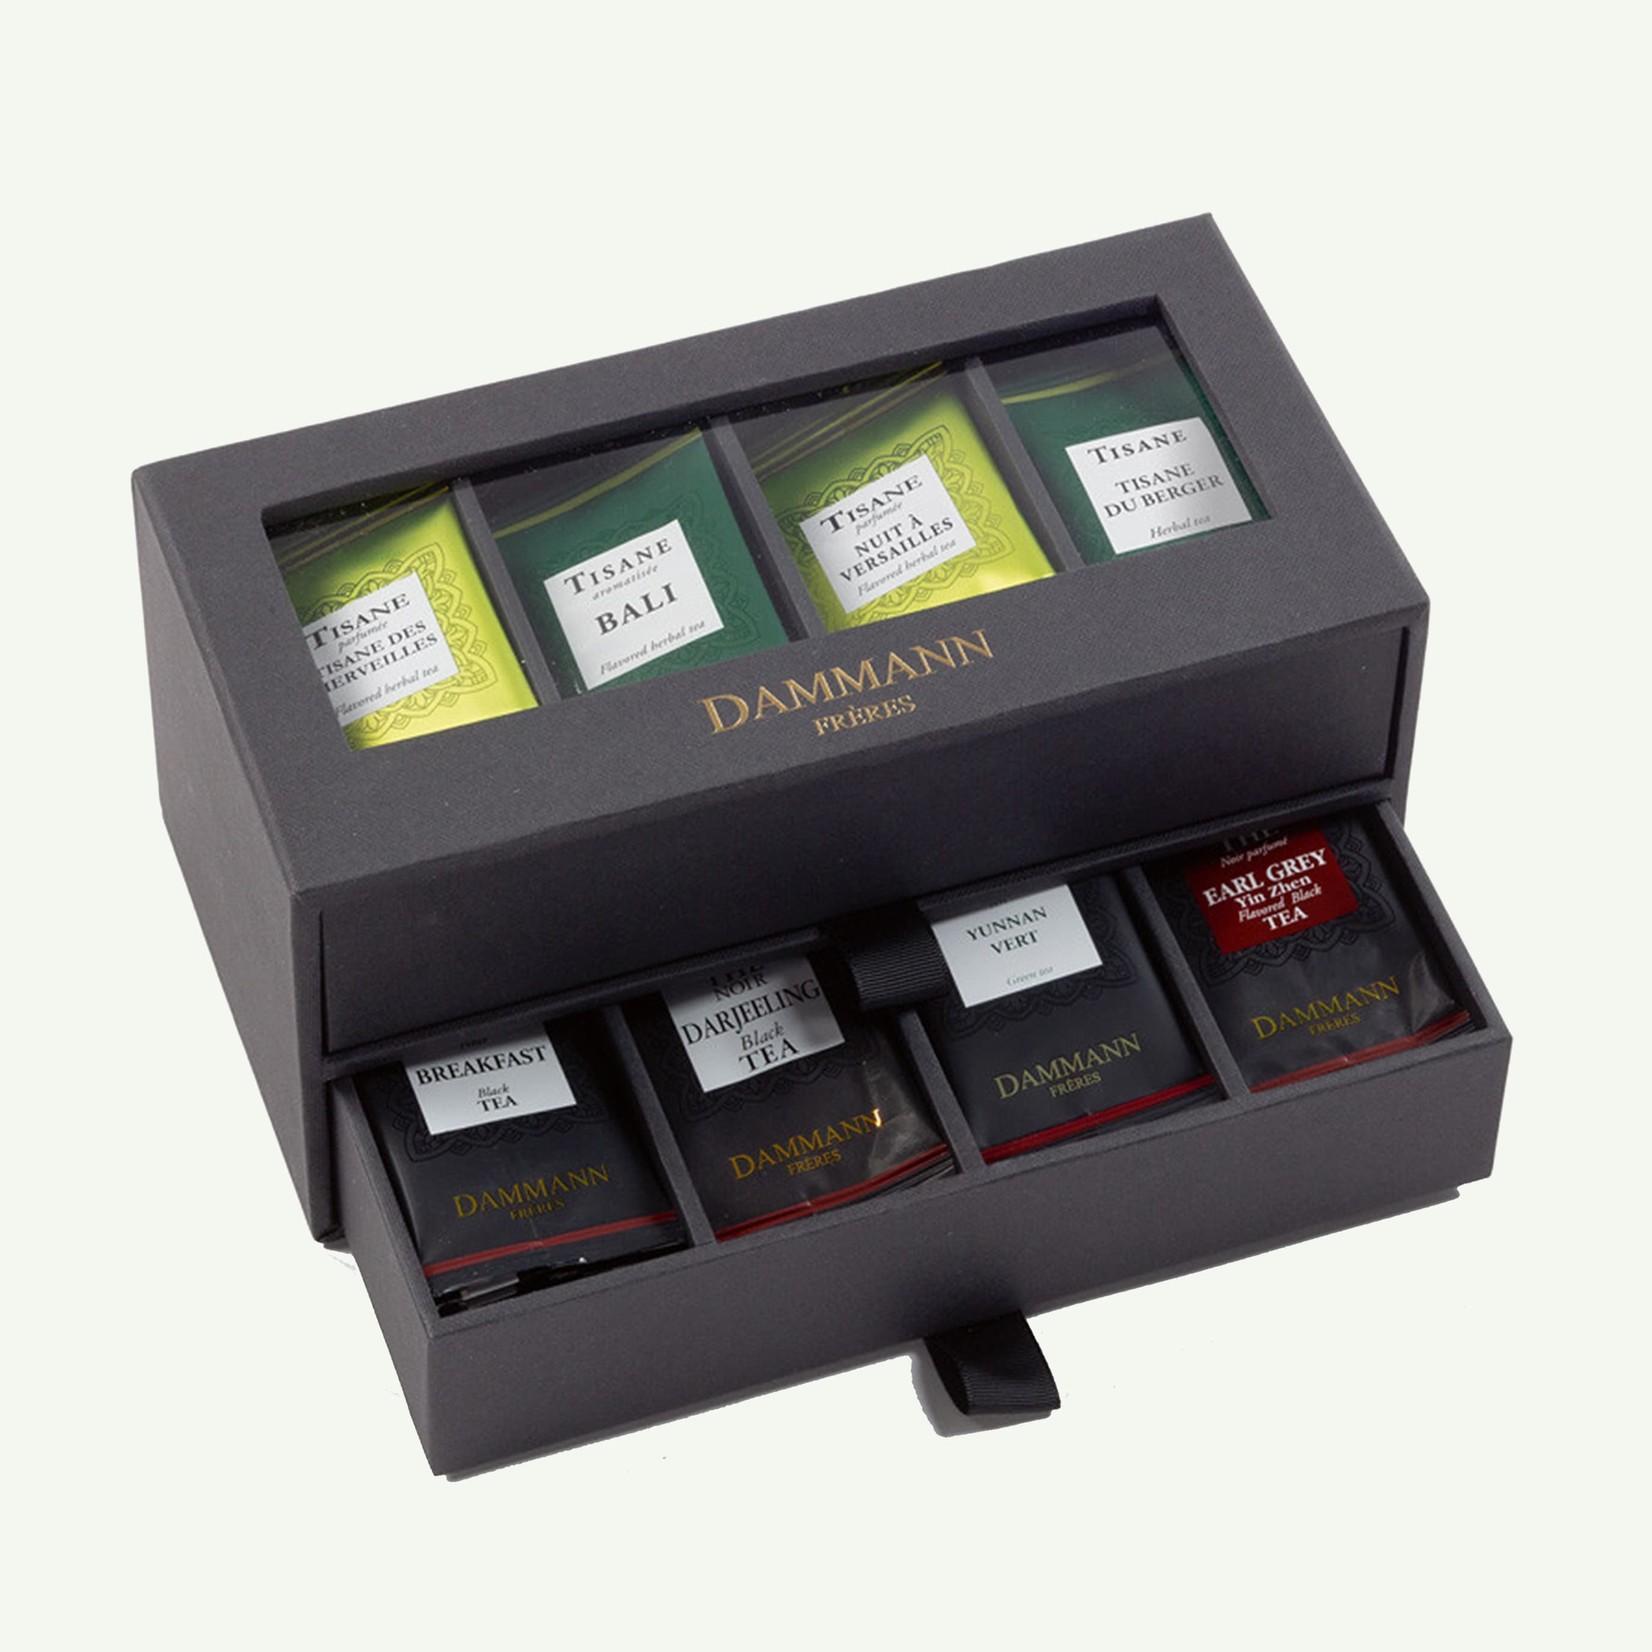 """Dammann Dammann """"24/24"""" Gift Set - 2 Drawers Black Case"""